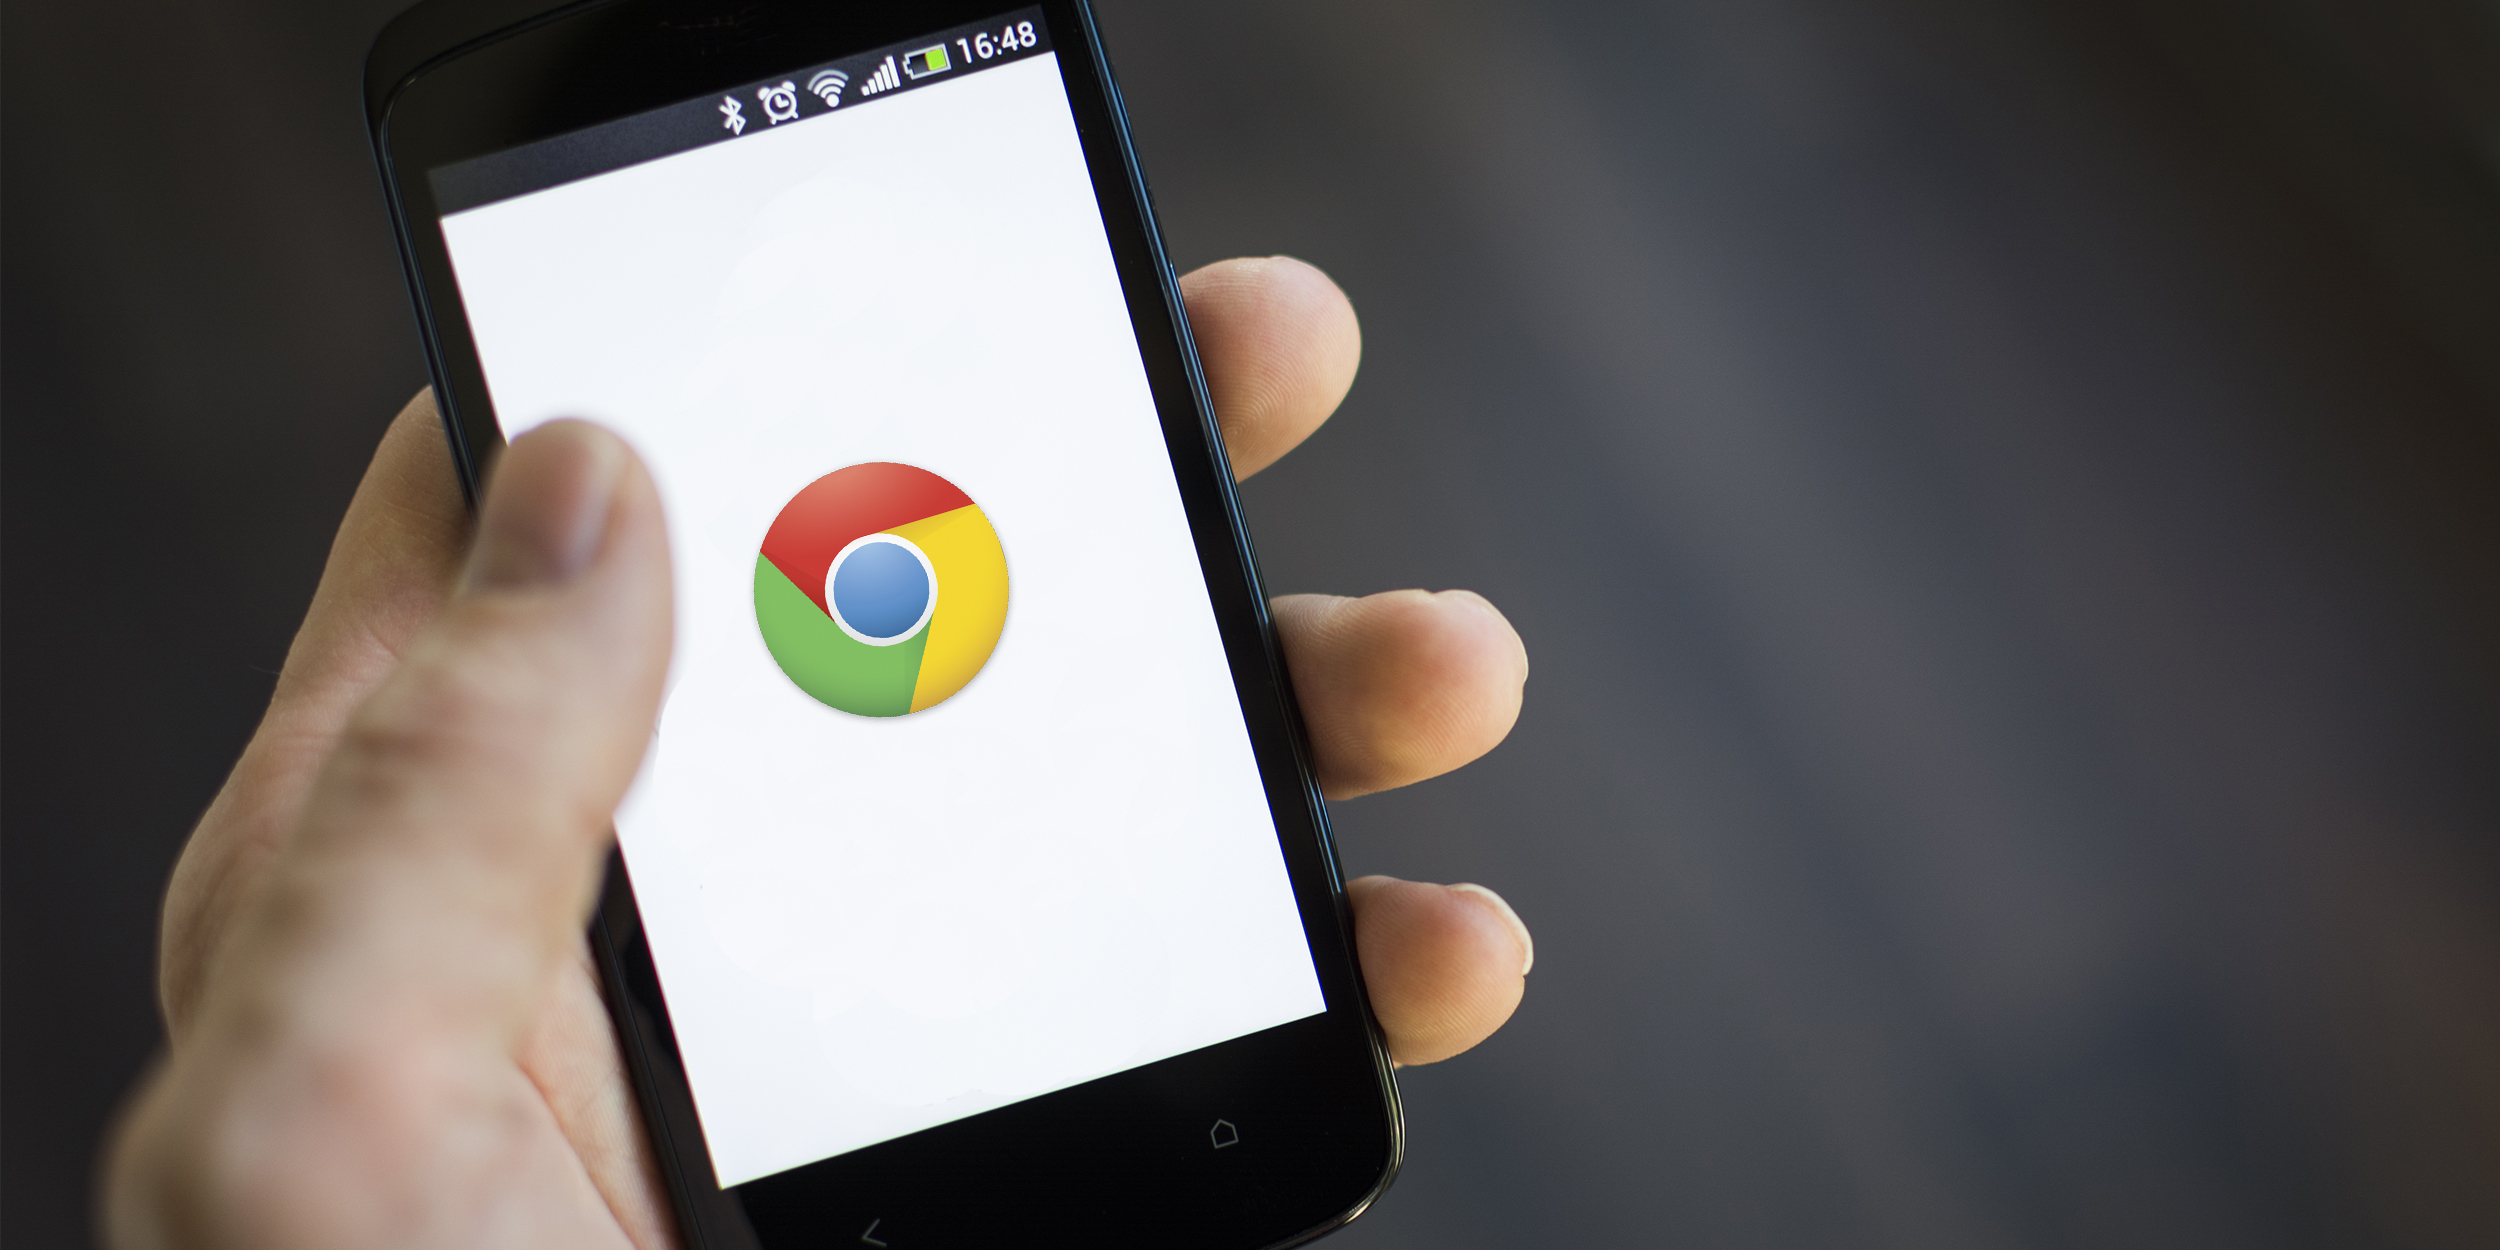 Как в Chrome избавиться от прыжков страницы во время загрузки изображений